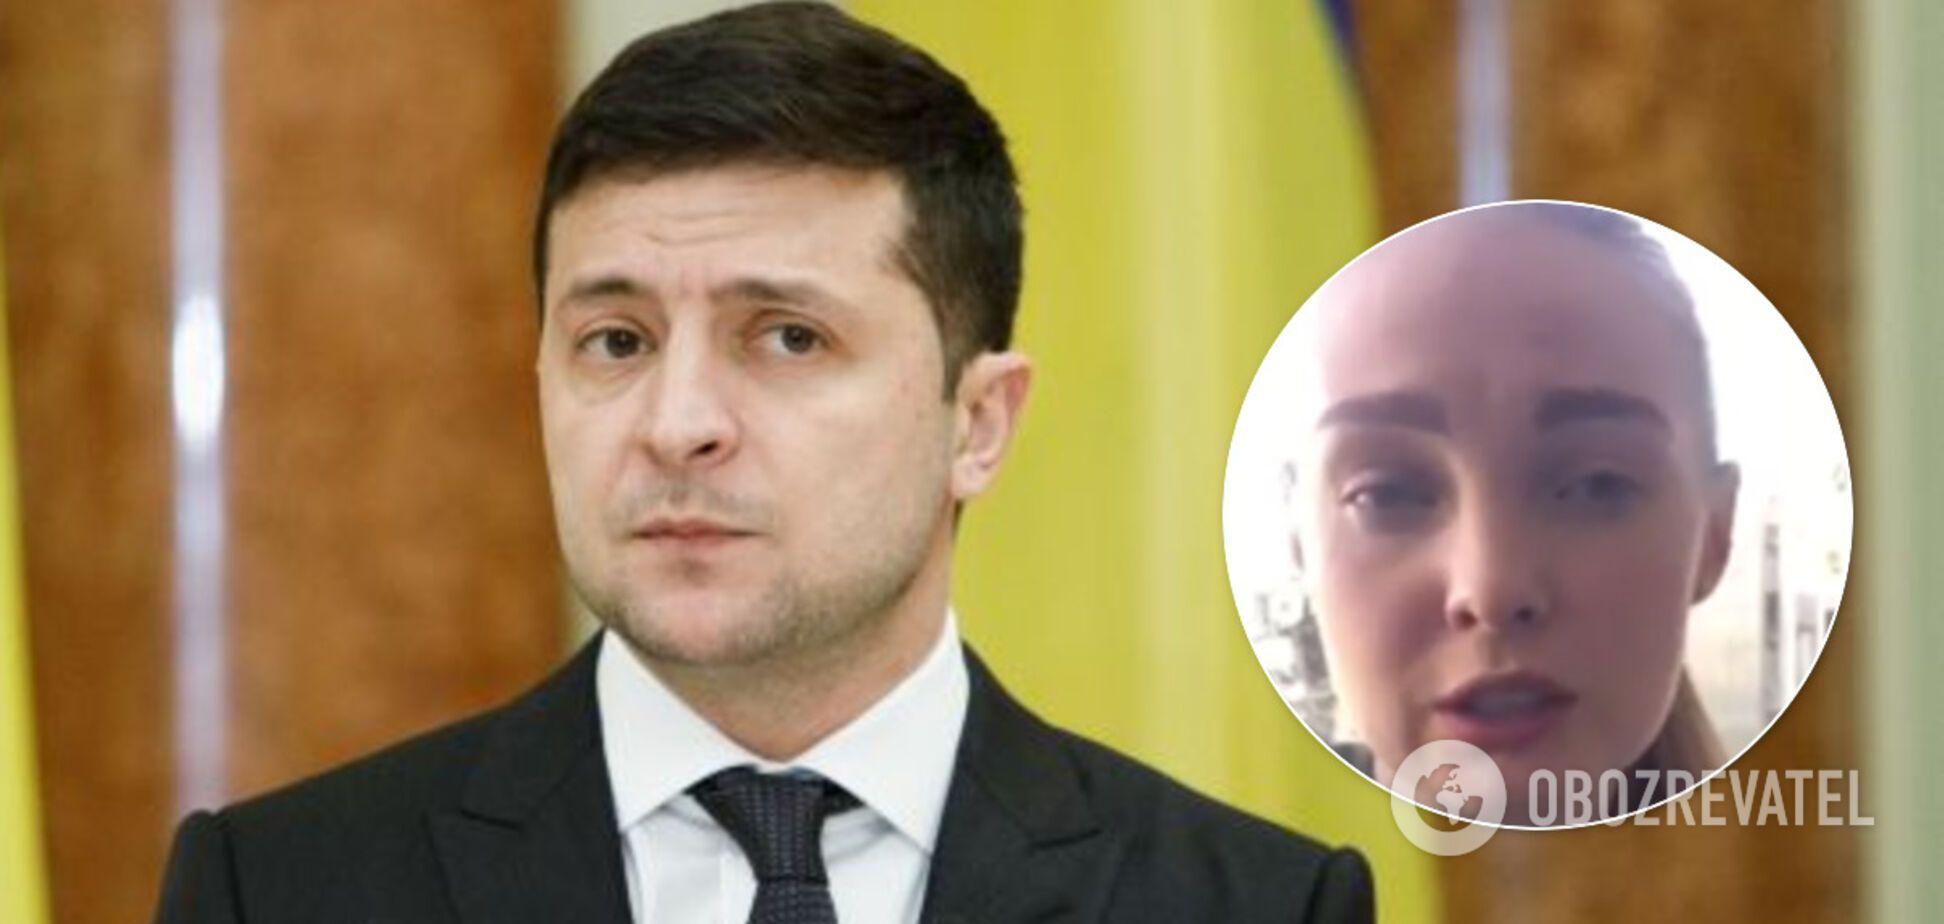 Застрявшие в Ираке украинцы обратились к Зеленскому. Видео